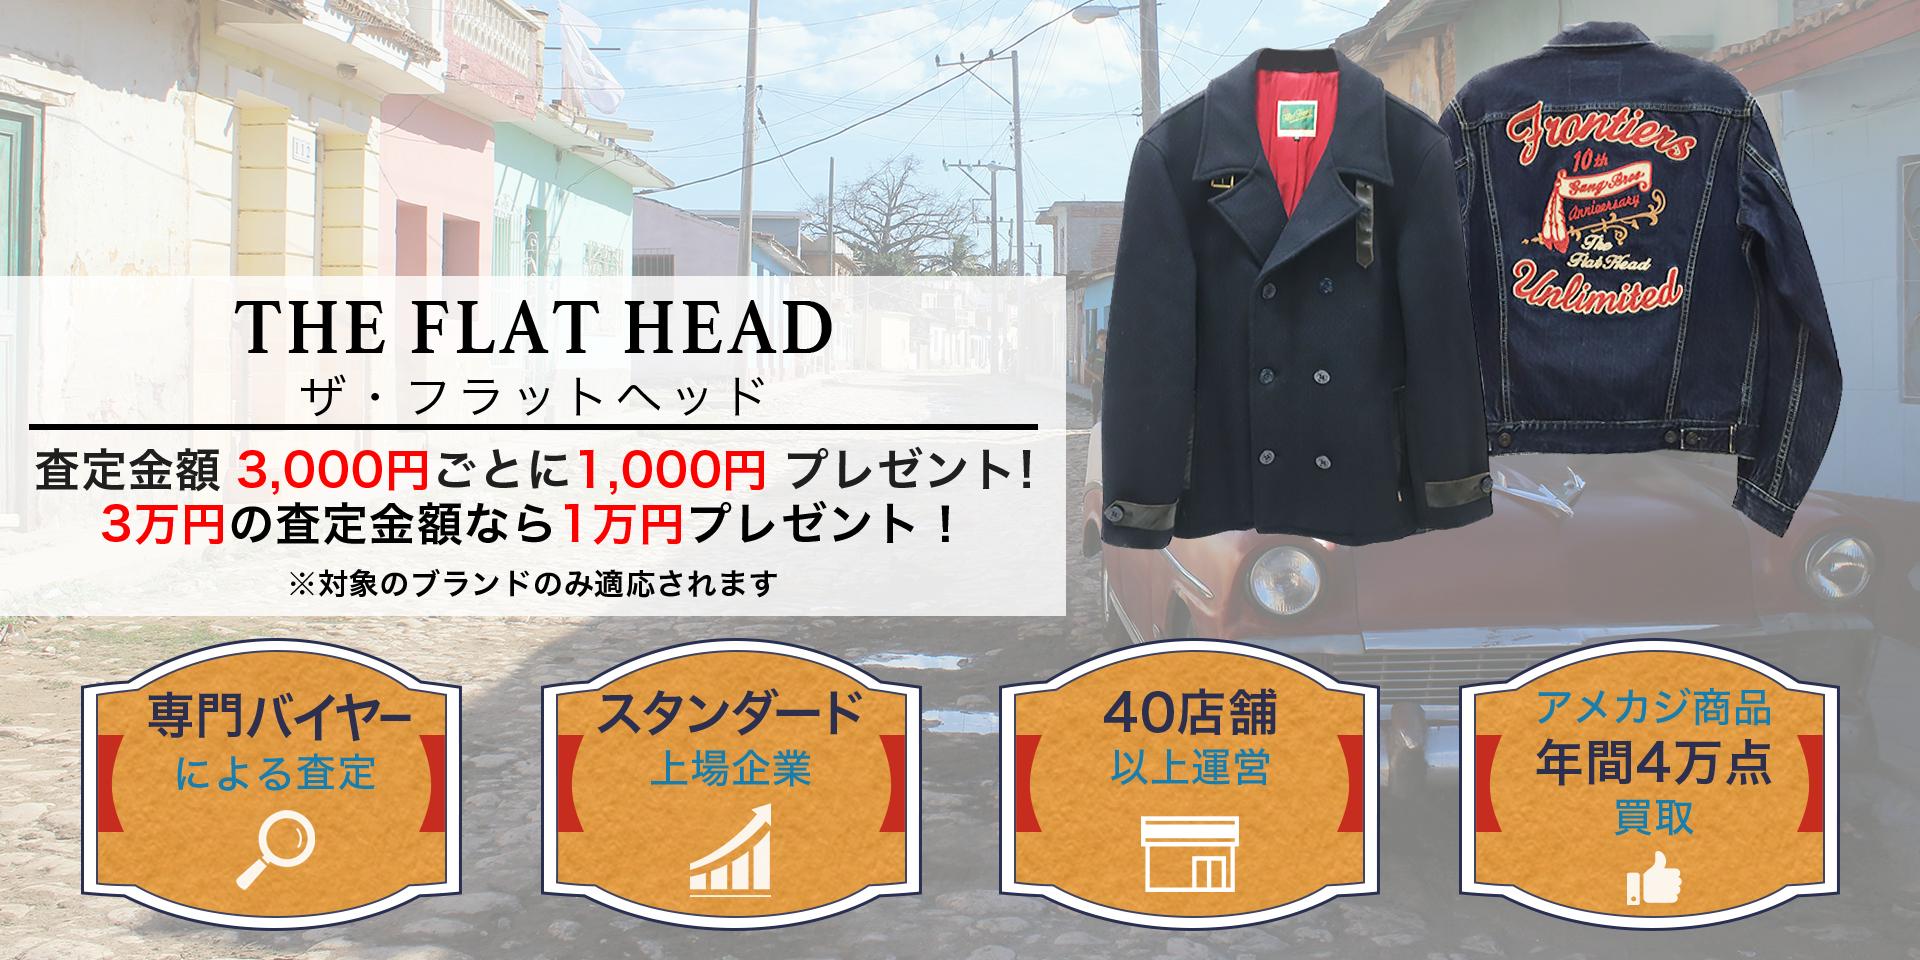 THE FLAT HEADのキービジュアル